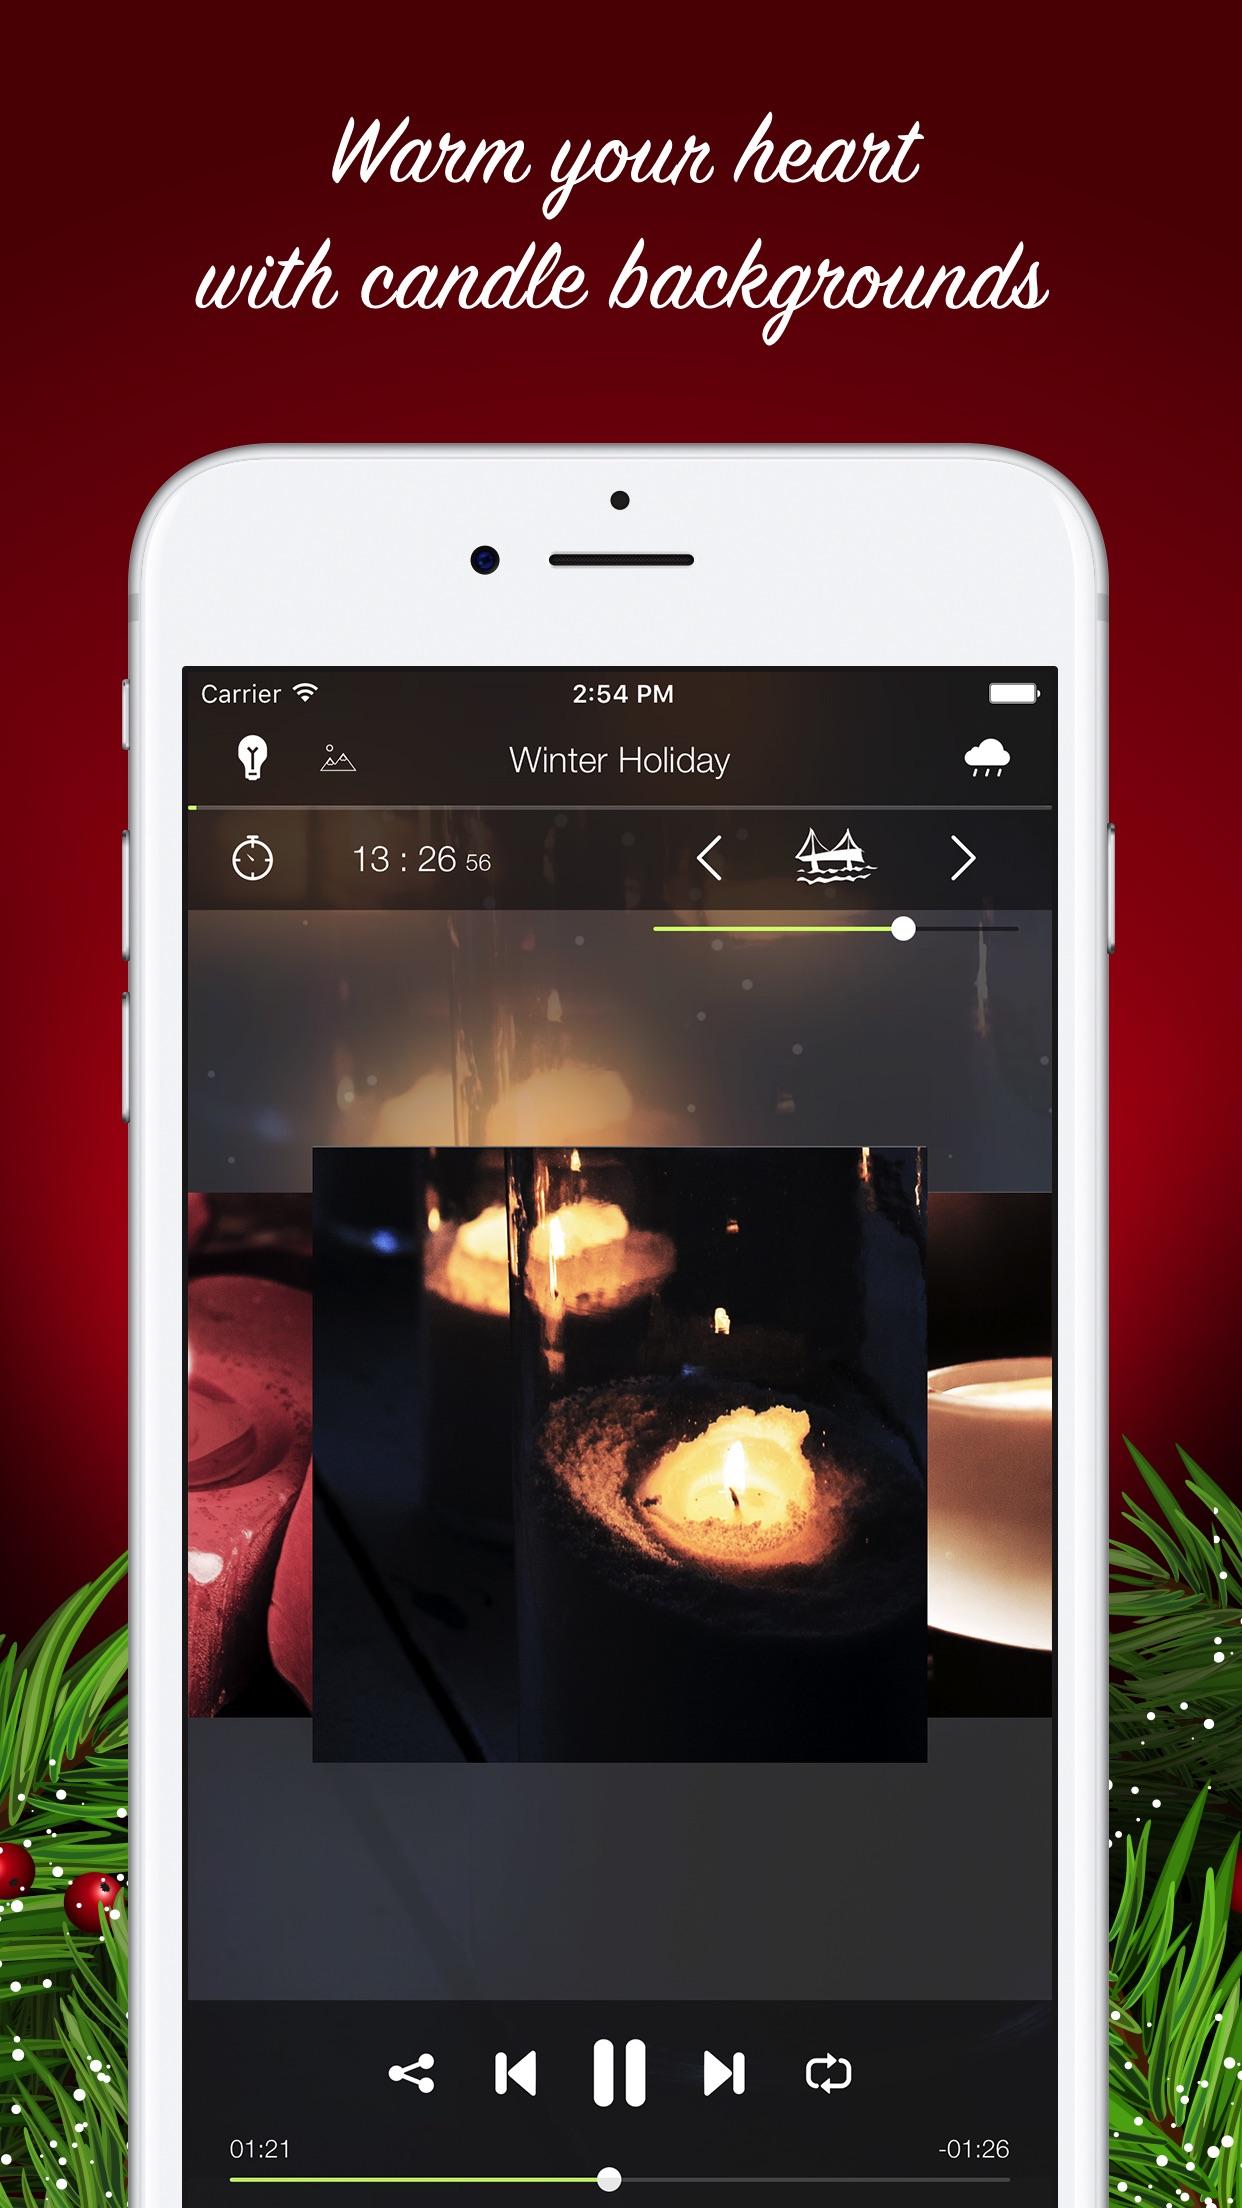 经典圣诞歌曲蜡烛传统摇篮曲